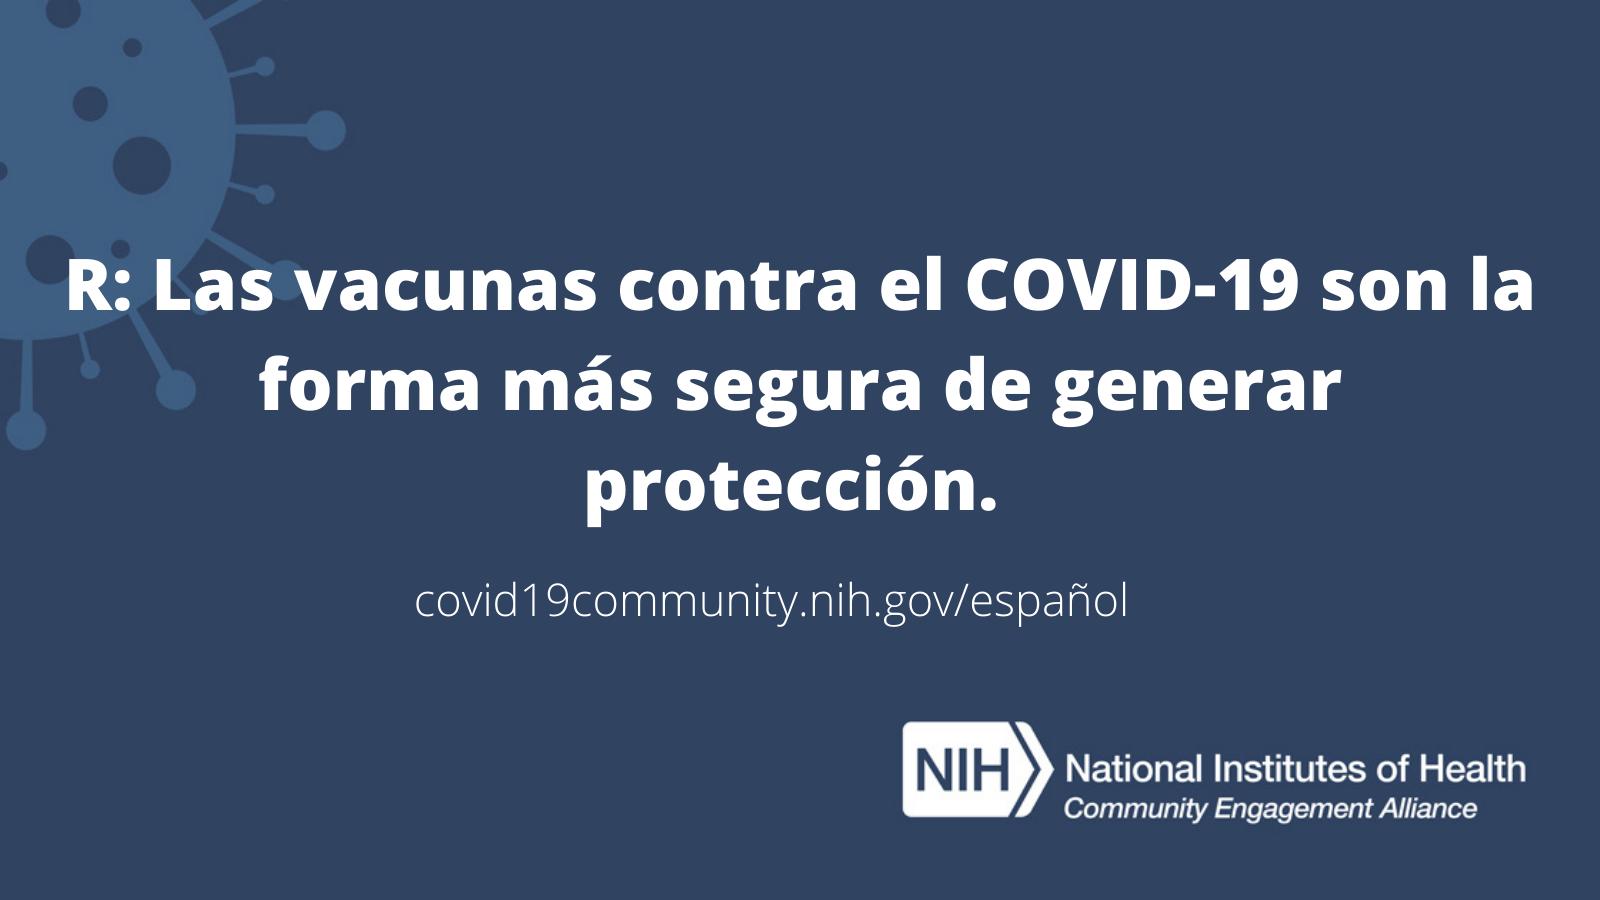 R: Las vacunas contra el COVID-19 son la forma más segura de generar protección.